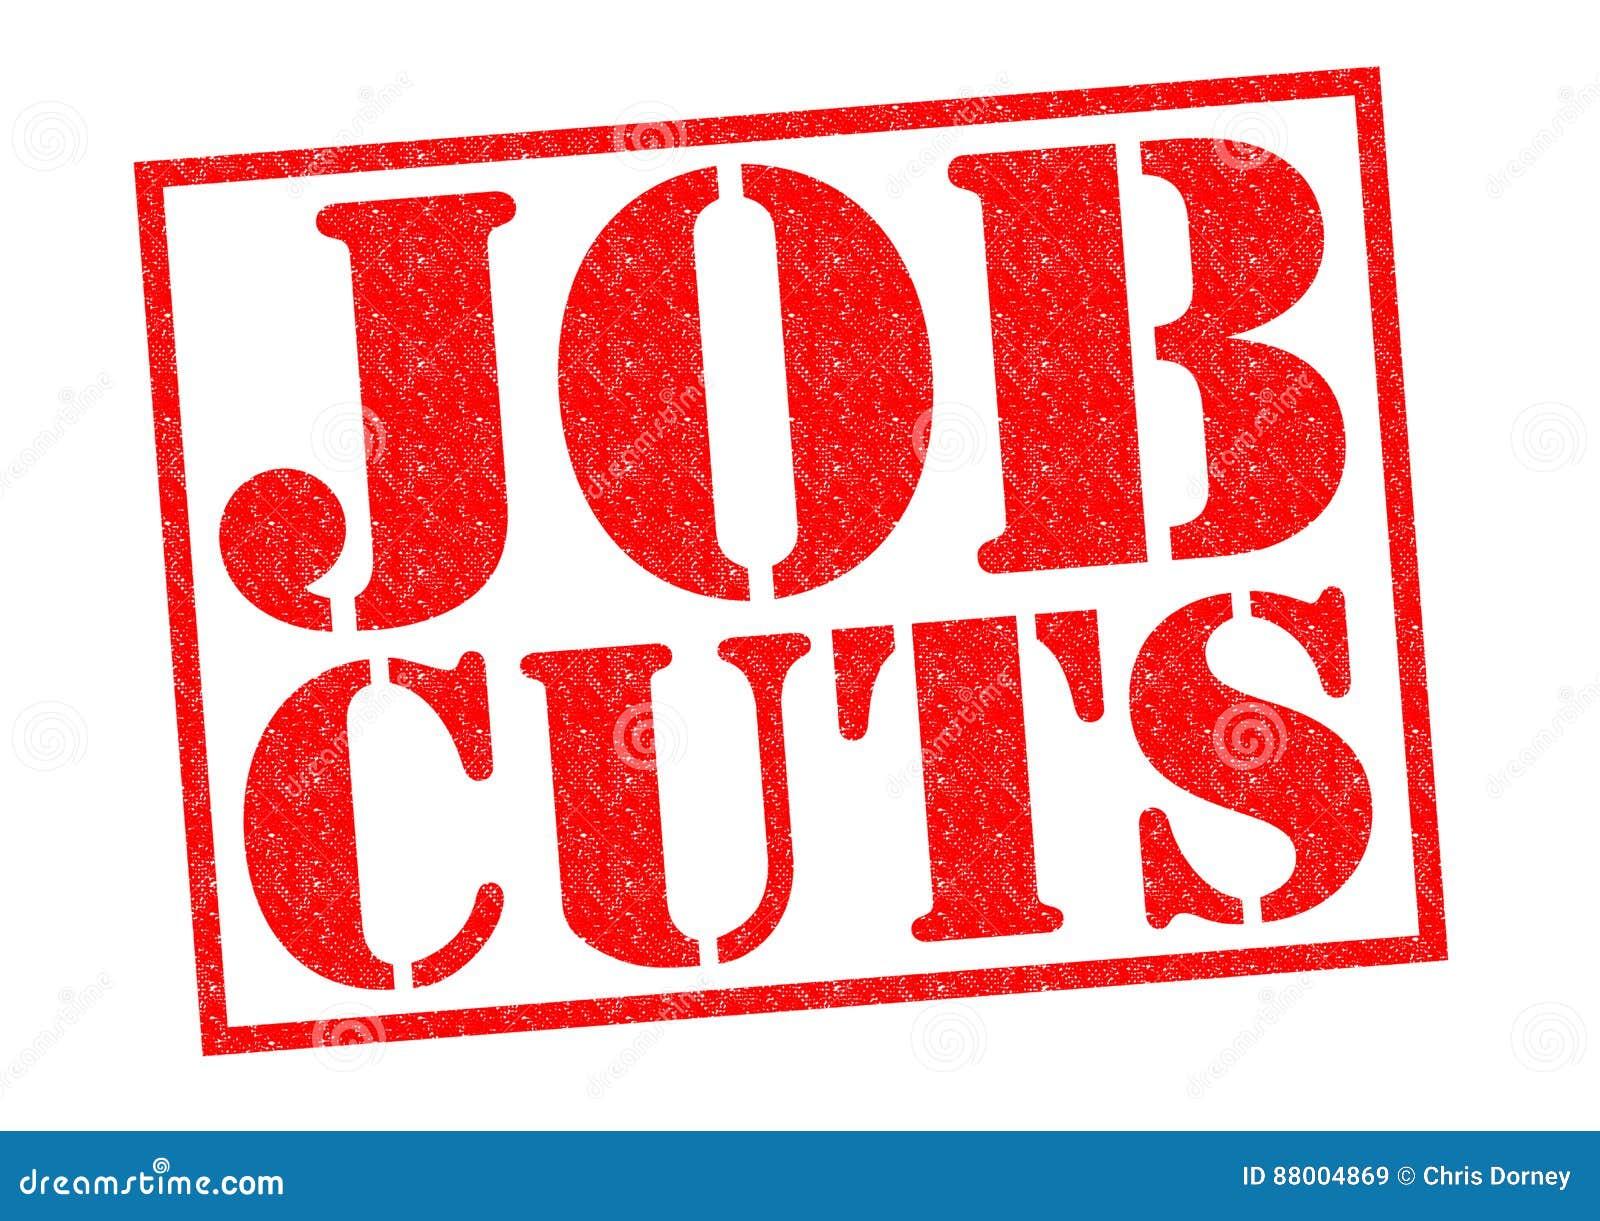 Cortes de empregos